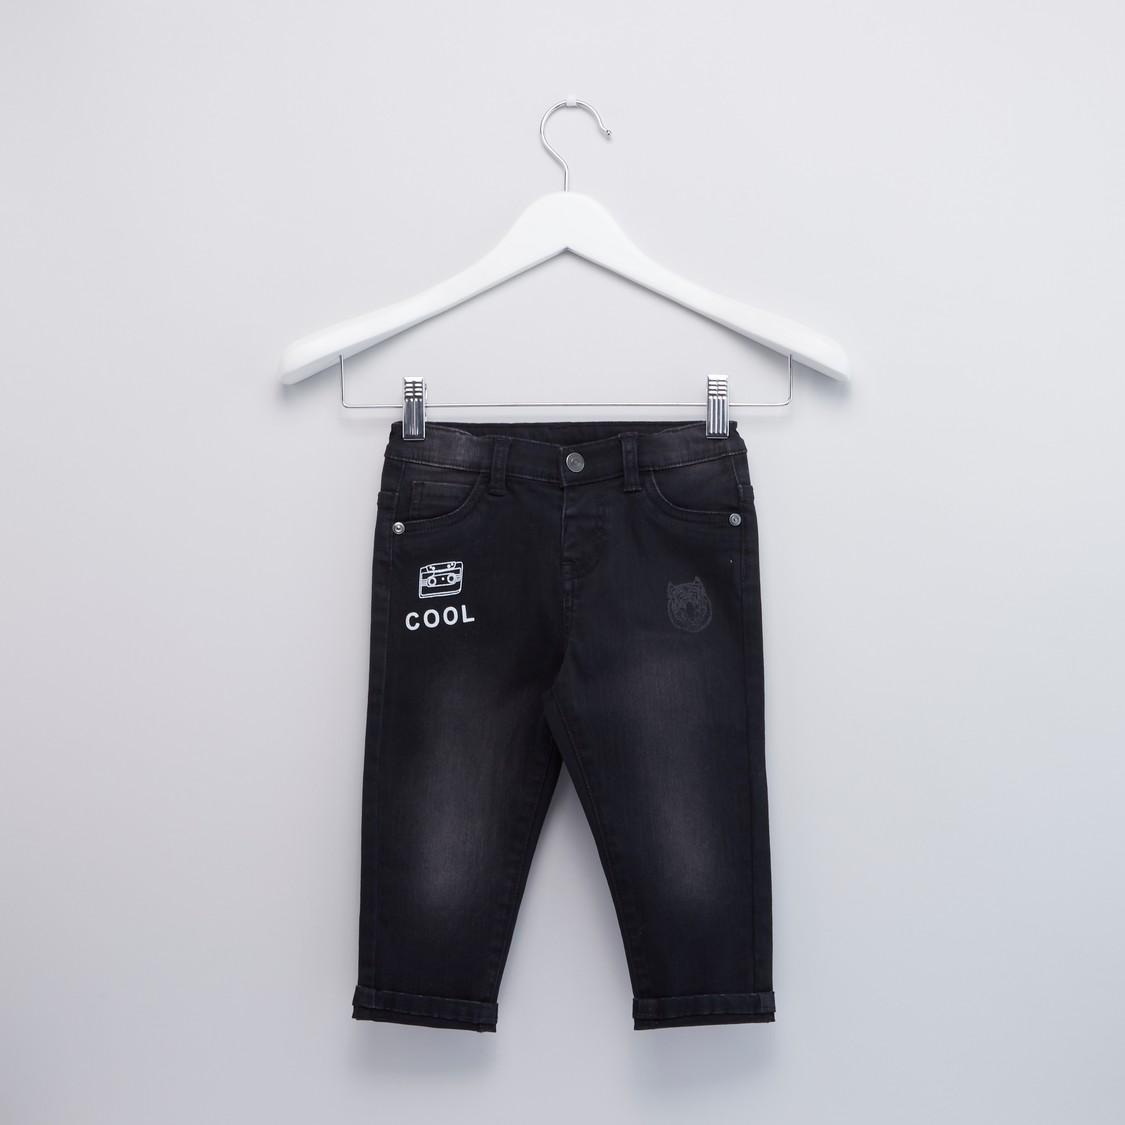 بنطلون جينز بطبعات مع  تفاصيل جيوب وحزام بحلقات